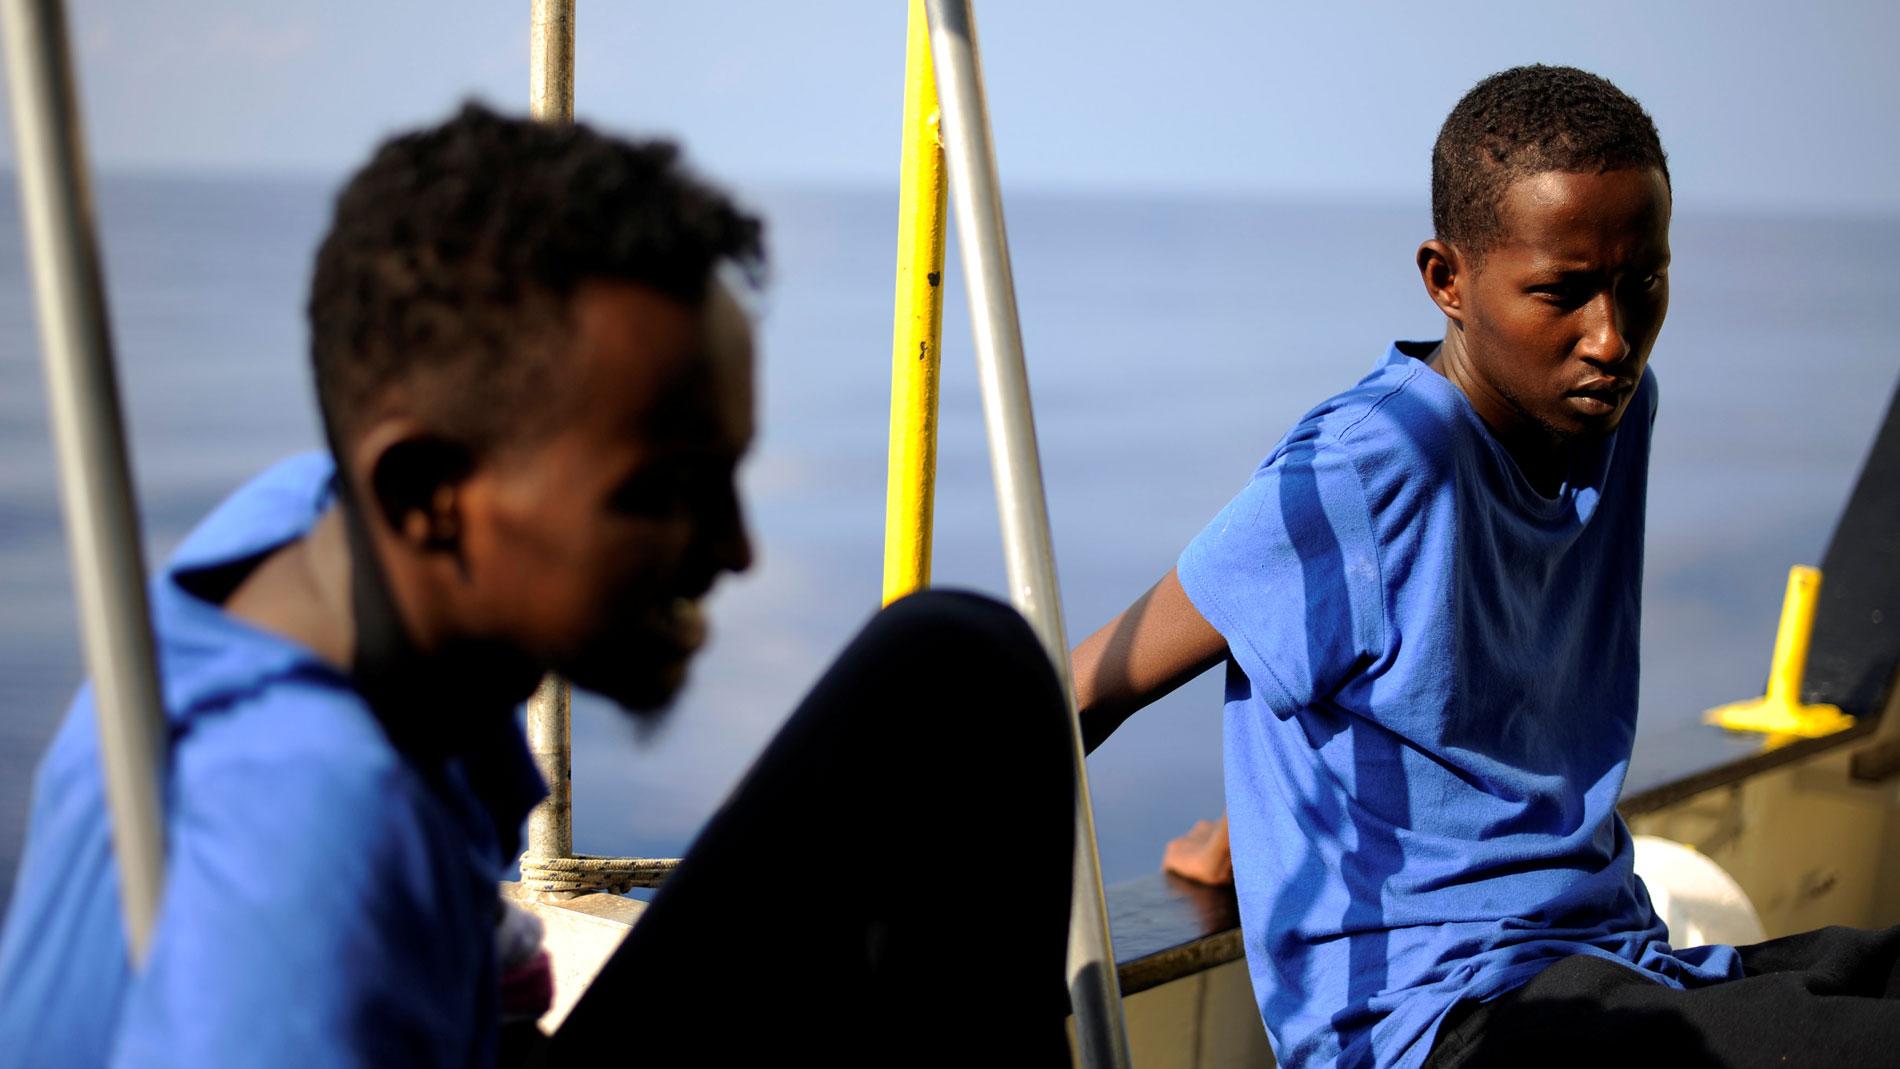 España acogerá a 60 migrantes del Aquarius junto a otros países de la UE después de que atraque en Malta